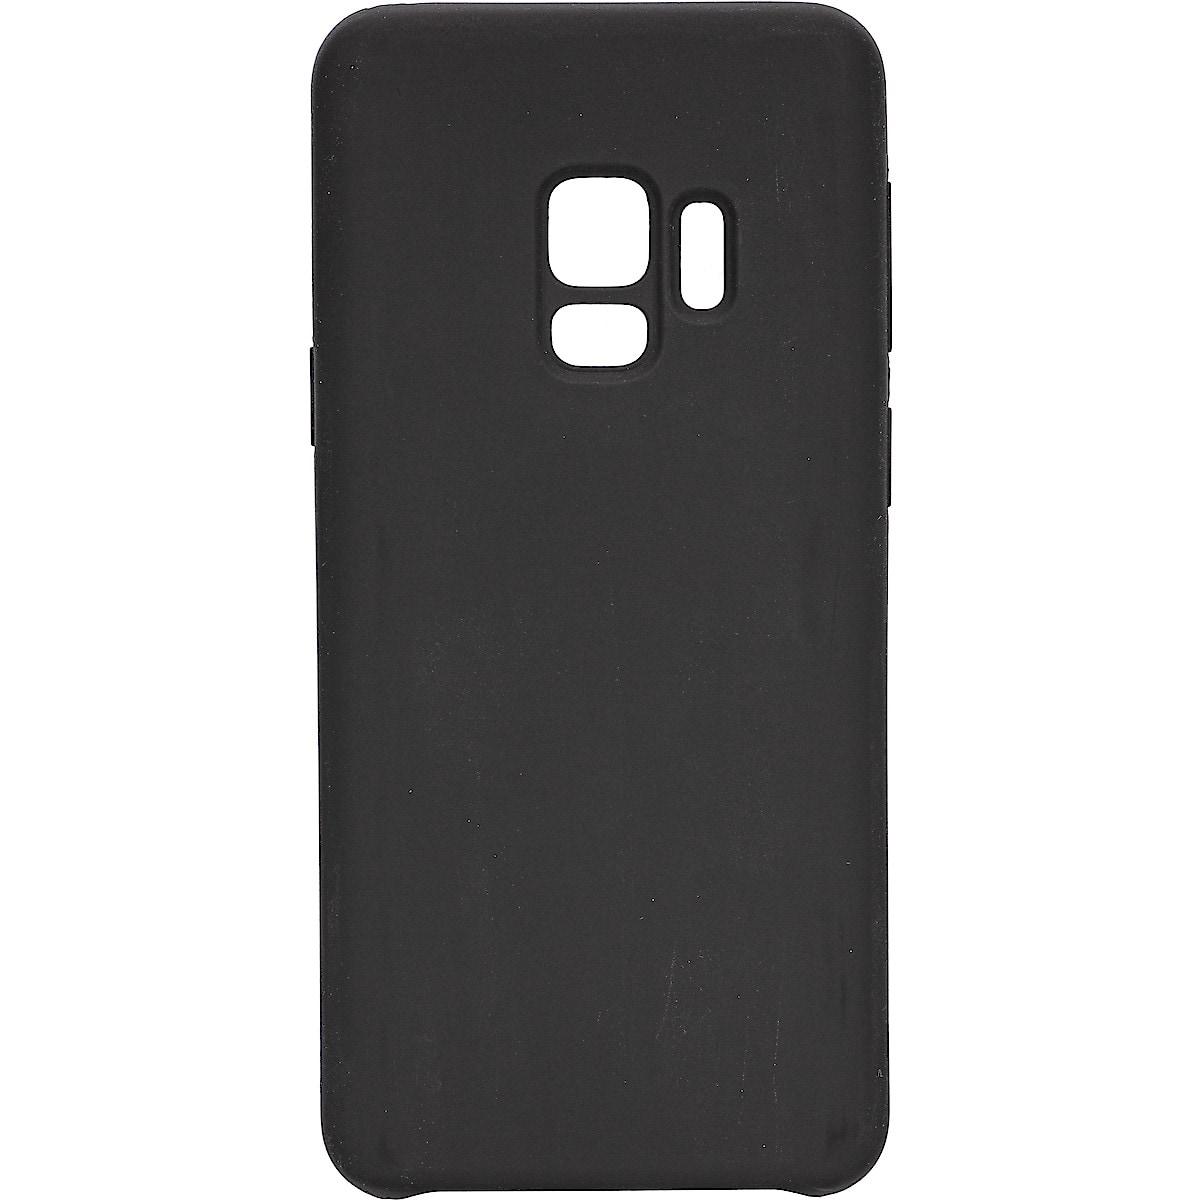 Mobilskal för Samsung Galaxy S9